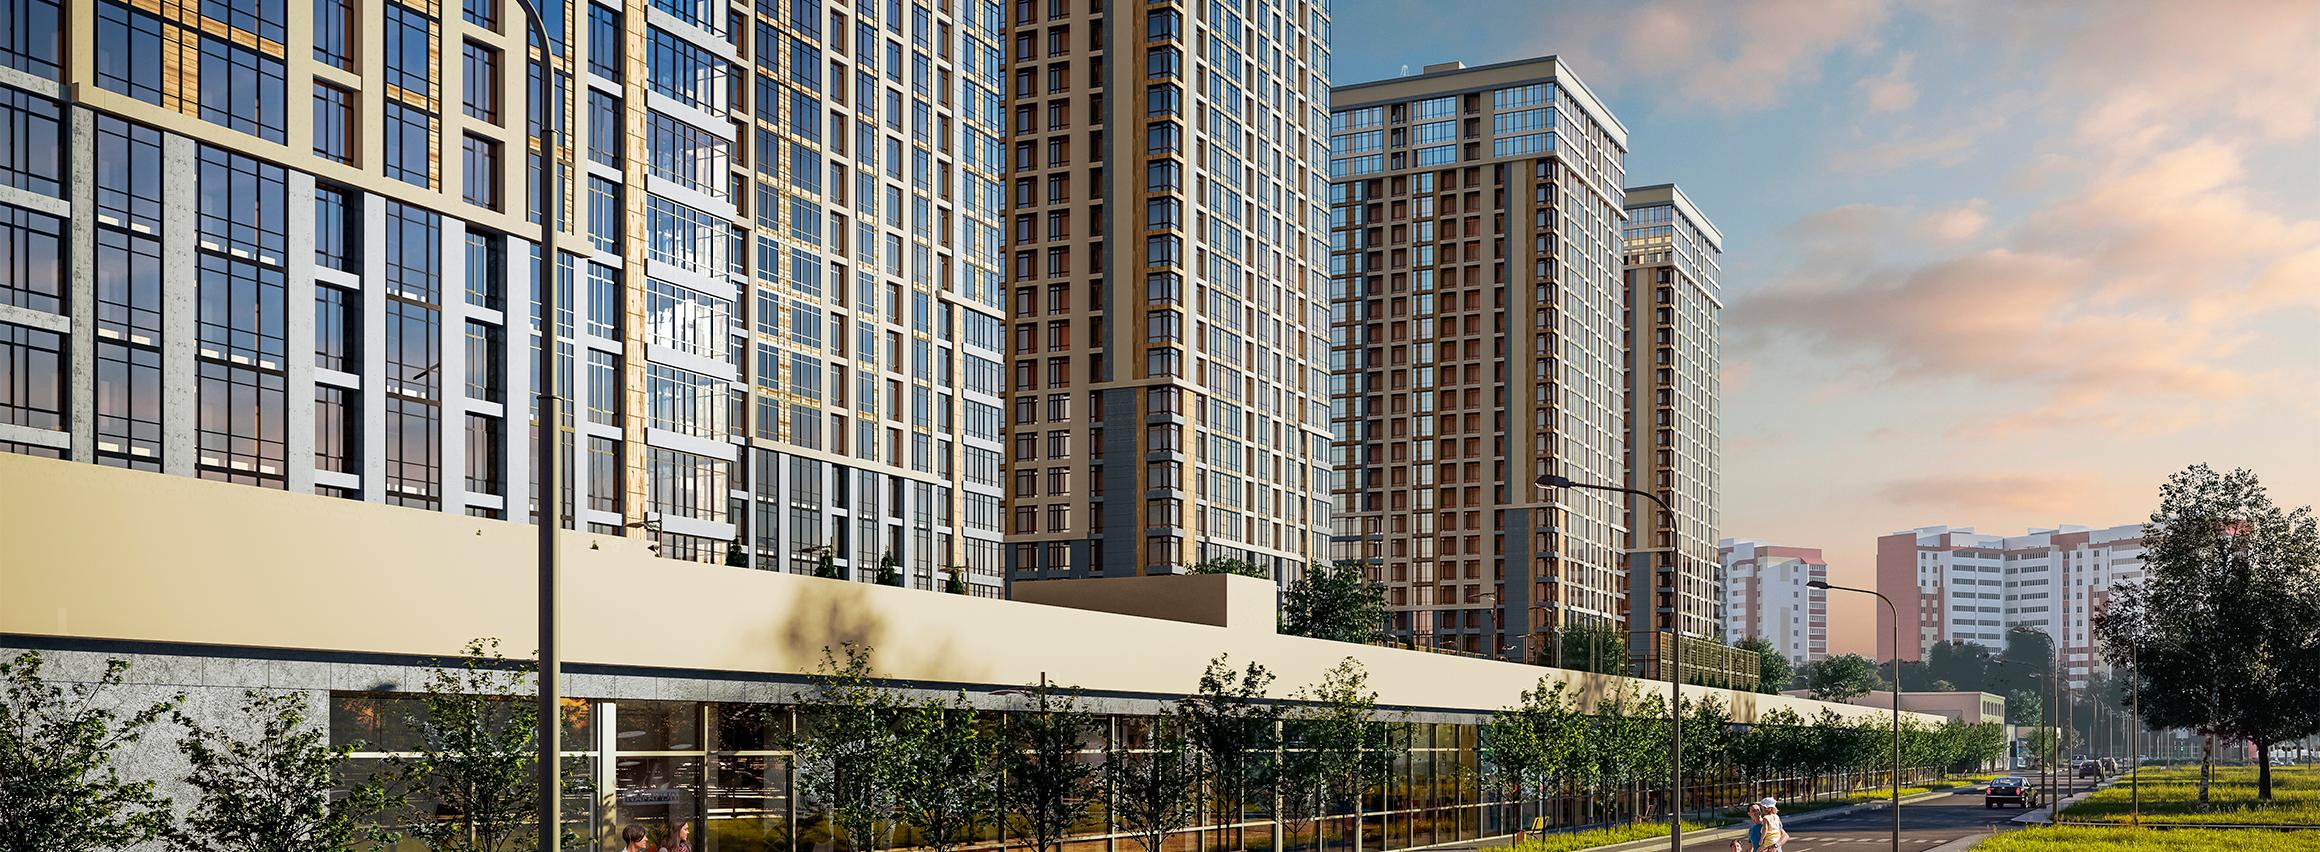 Повышение цен для инвесторов в жилых комплексах от компании BudCapital